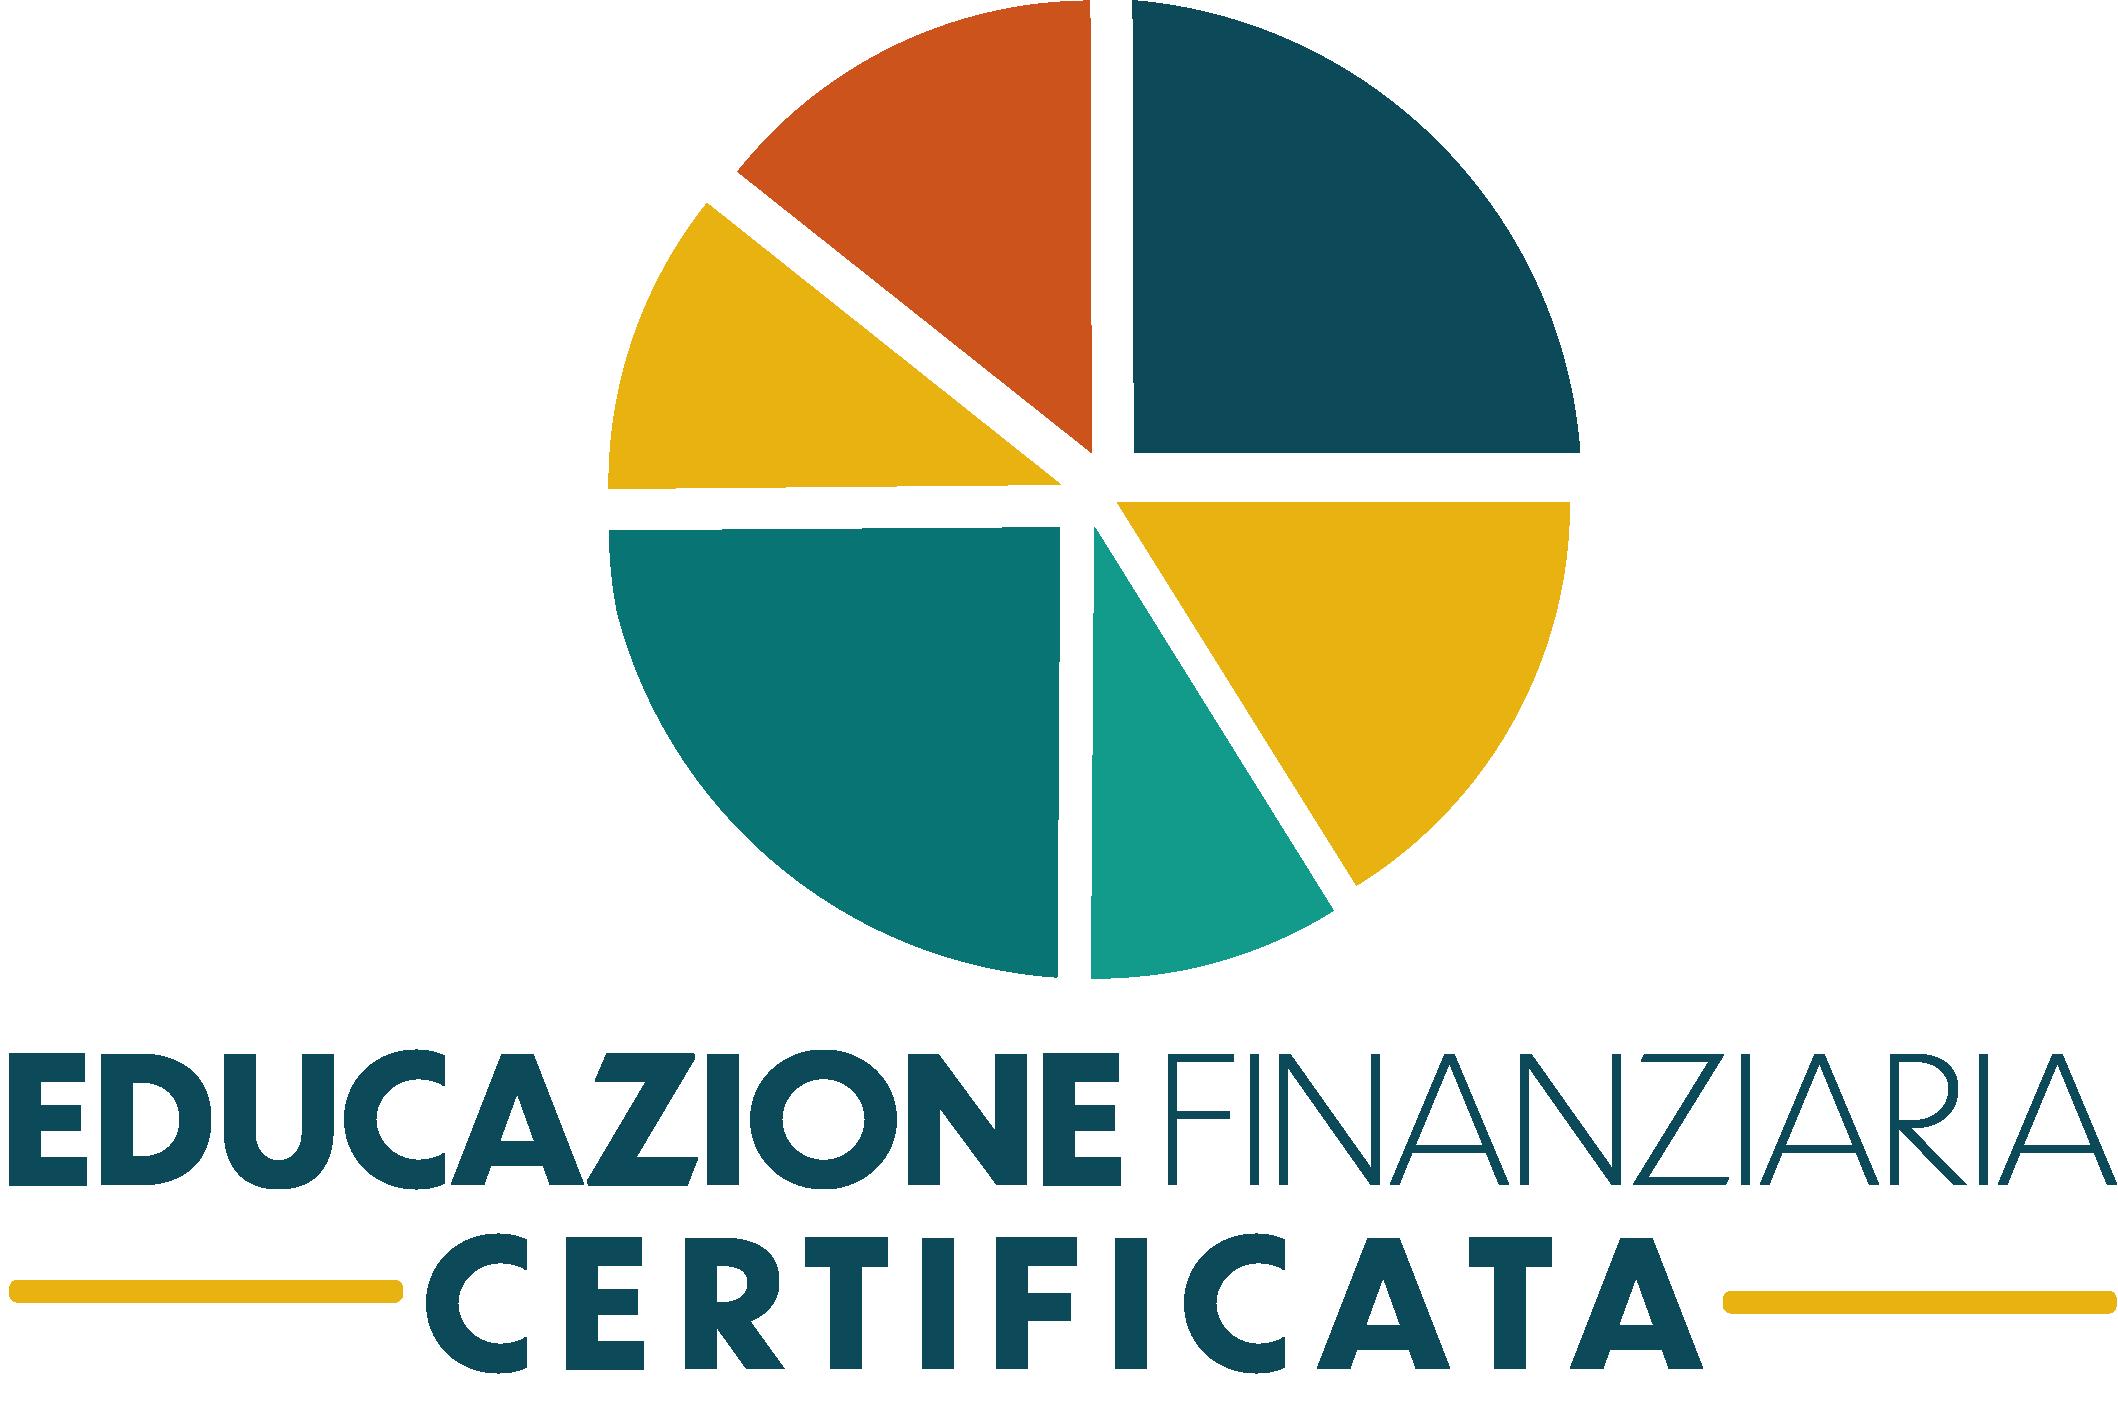 Educazione Finanziaria Certificata